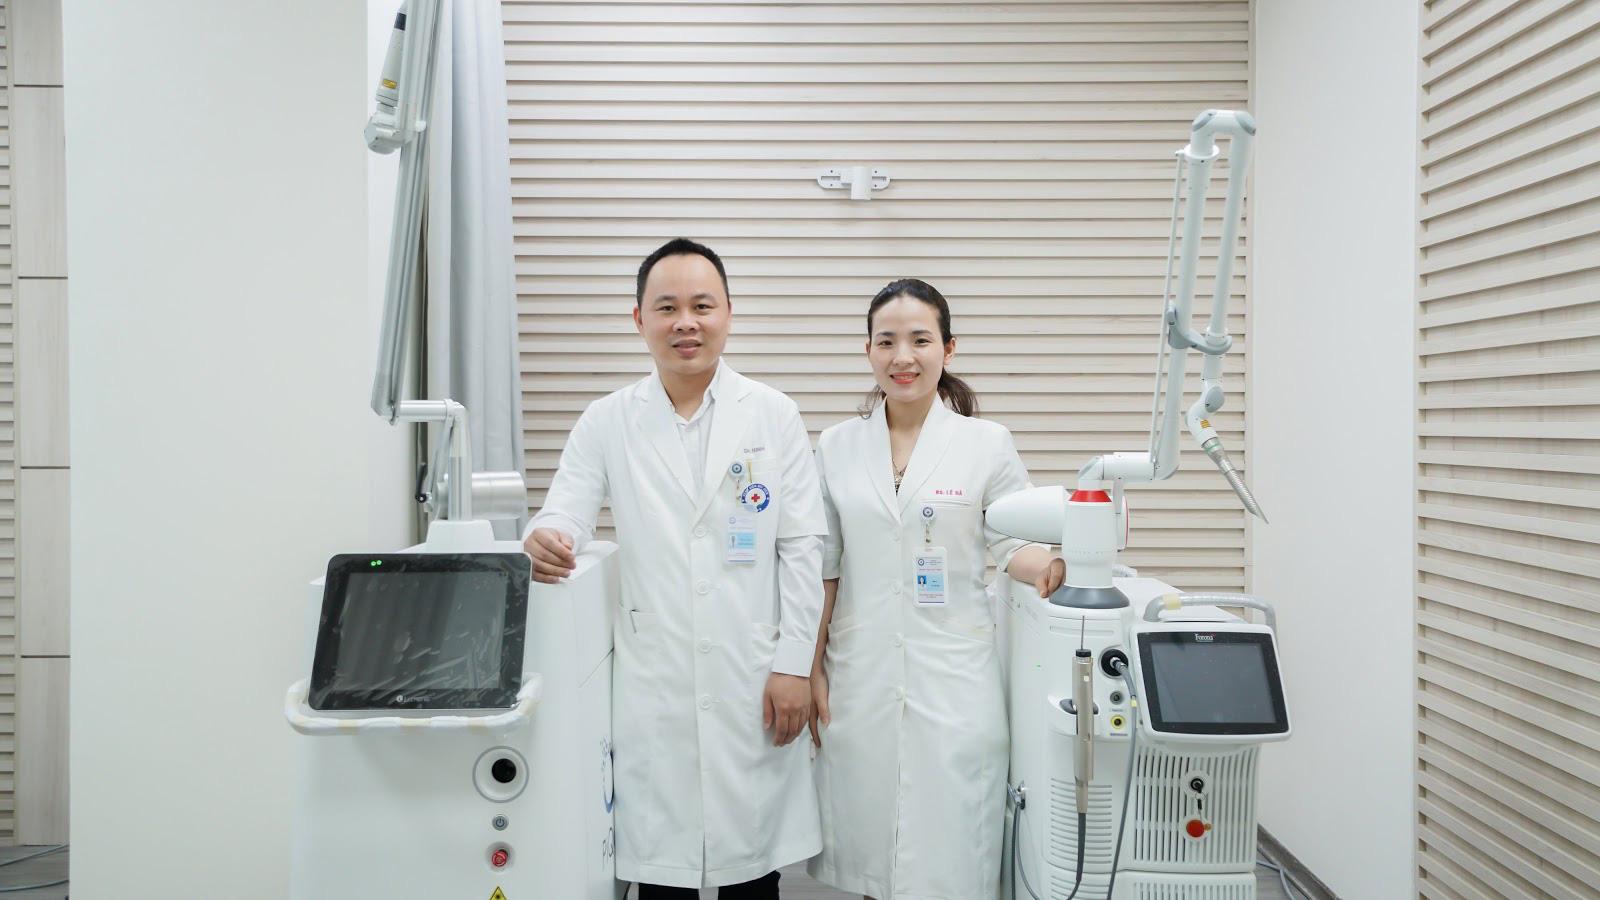 Khoa Phẫu thuật Tạo hình và Thẩm mỹ - Bệnh viện Bưu điện triển khai Phòng thẩm mỹ da công nghệ cao - Ảnh 4.